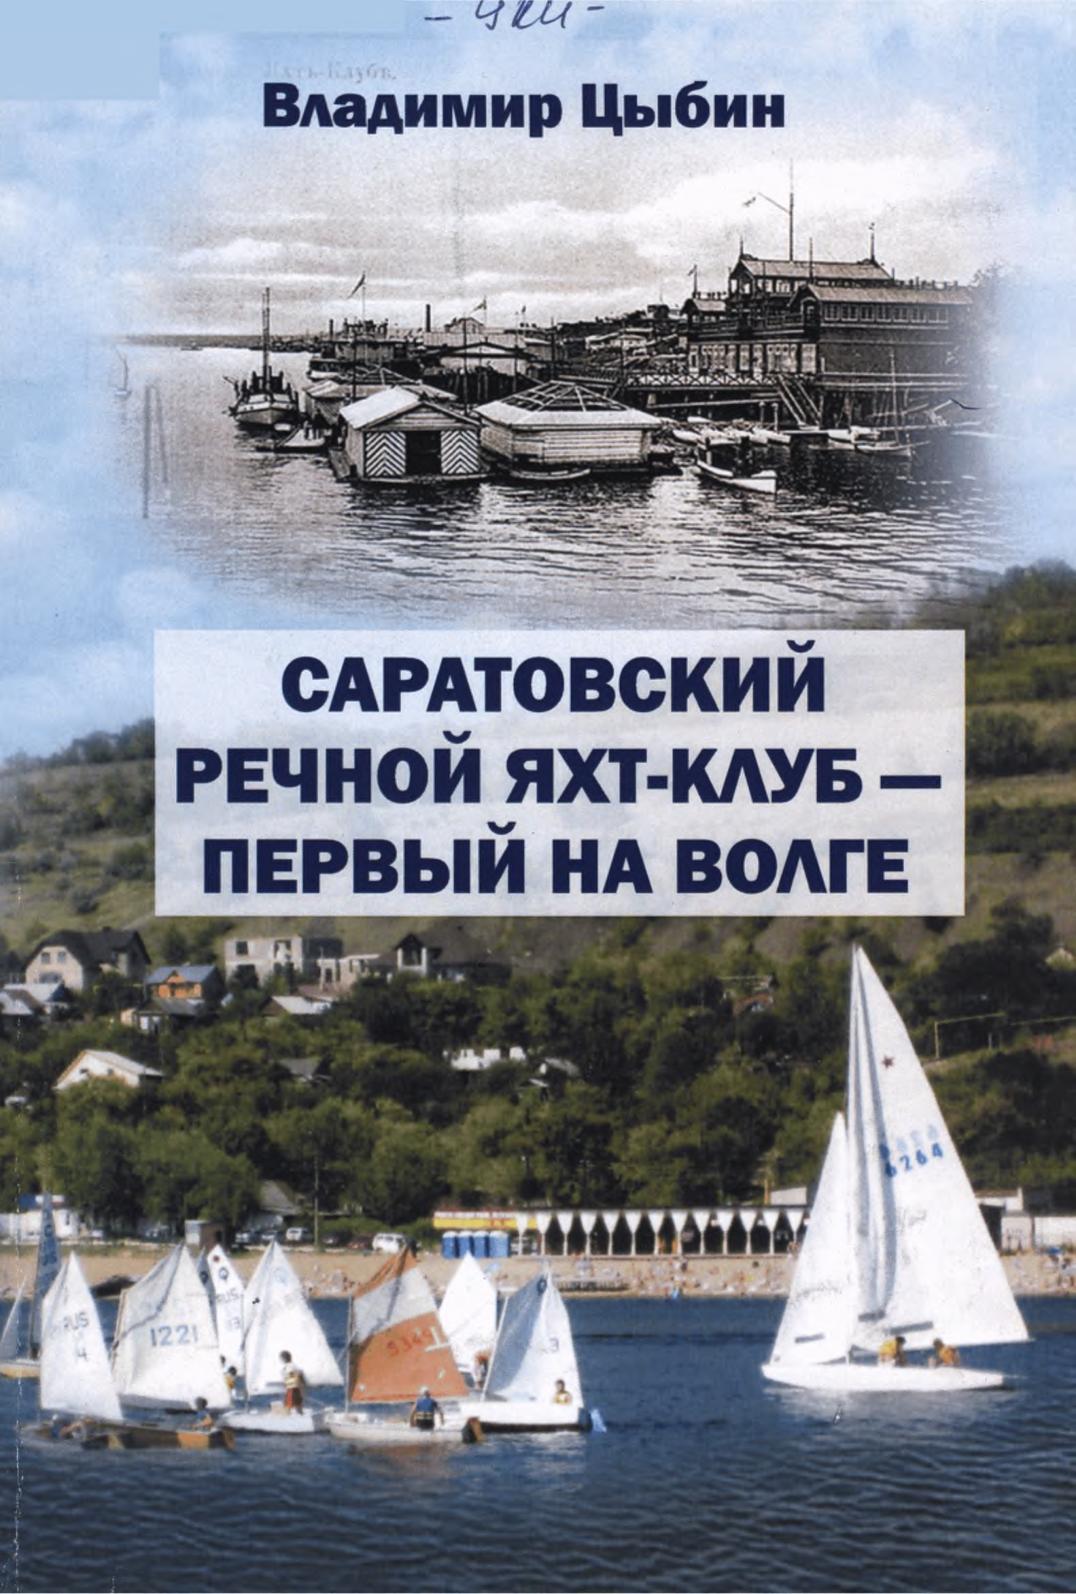 Цыбин В.М. Саратовский речной яхт клуб — первый на Волге